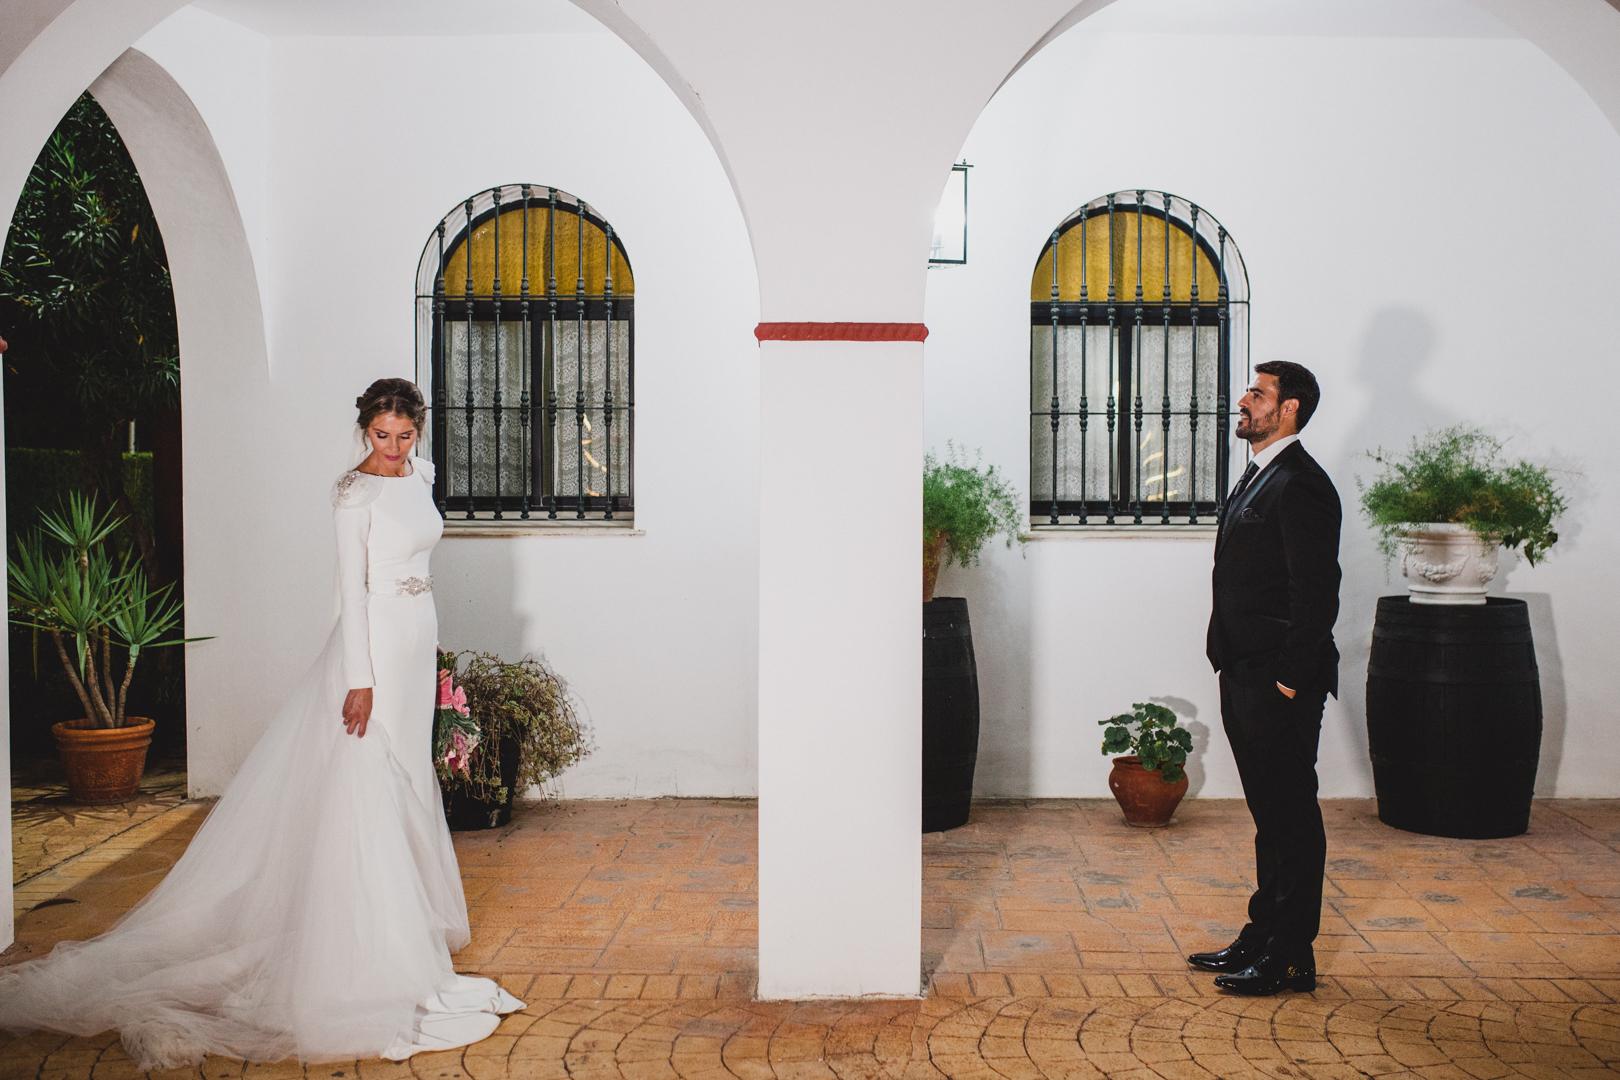 Boda-en-Hacienda-Alboreá-Sevilla-Carlos-Pavón-Fotografía-600257783. L+J  (79).jpg